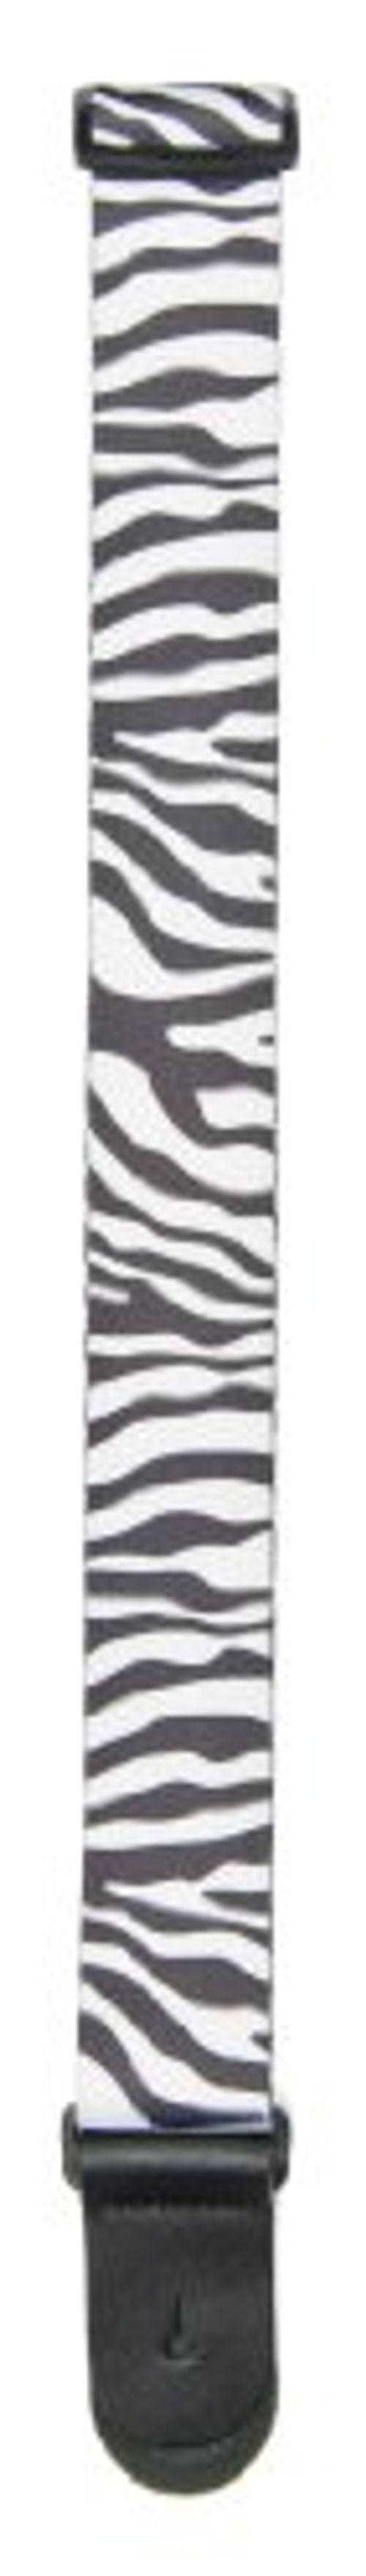 photo Wallpaper of Planet Waves-Planet Waves 50H09 Polypropylengurt Sublimation Printed Zebra Lederenden Länge: 150cm, Breite: 50mm-N/A